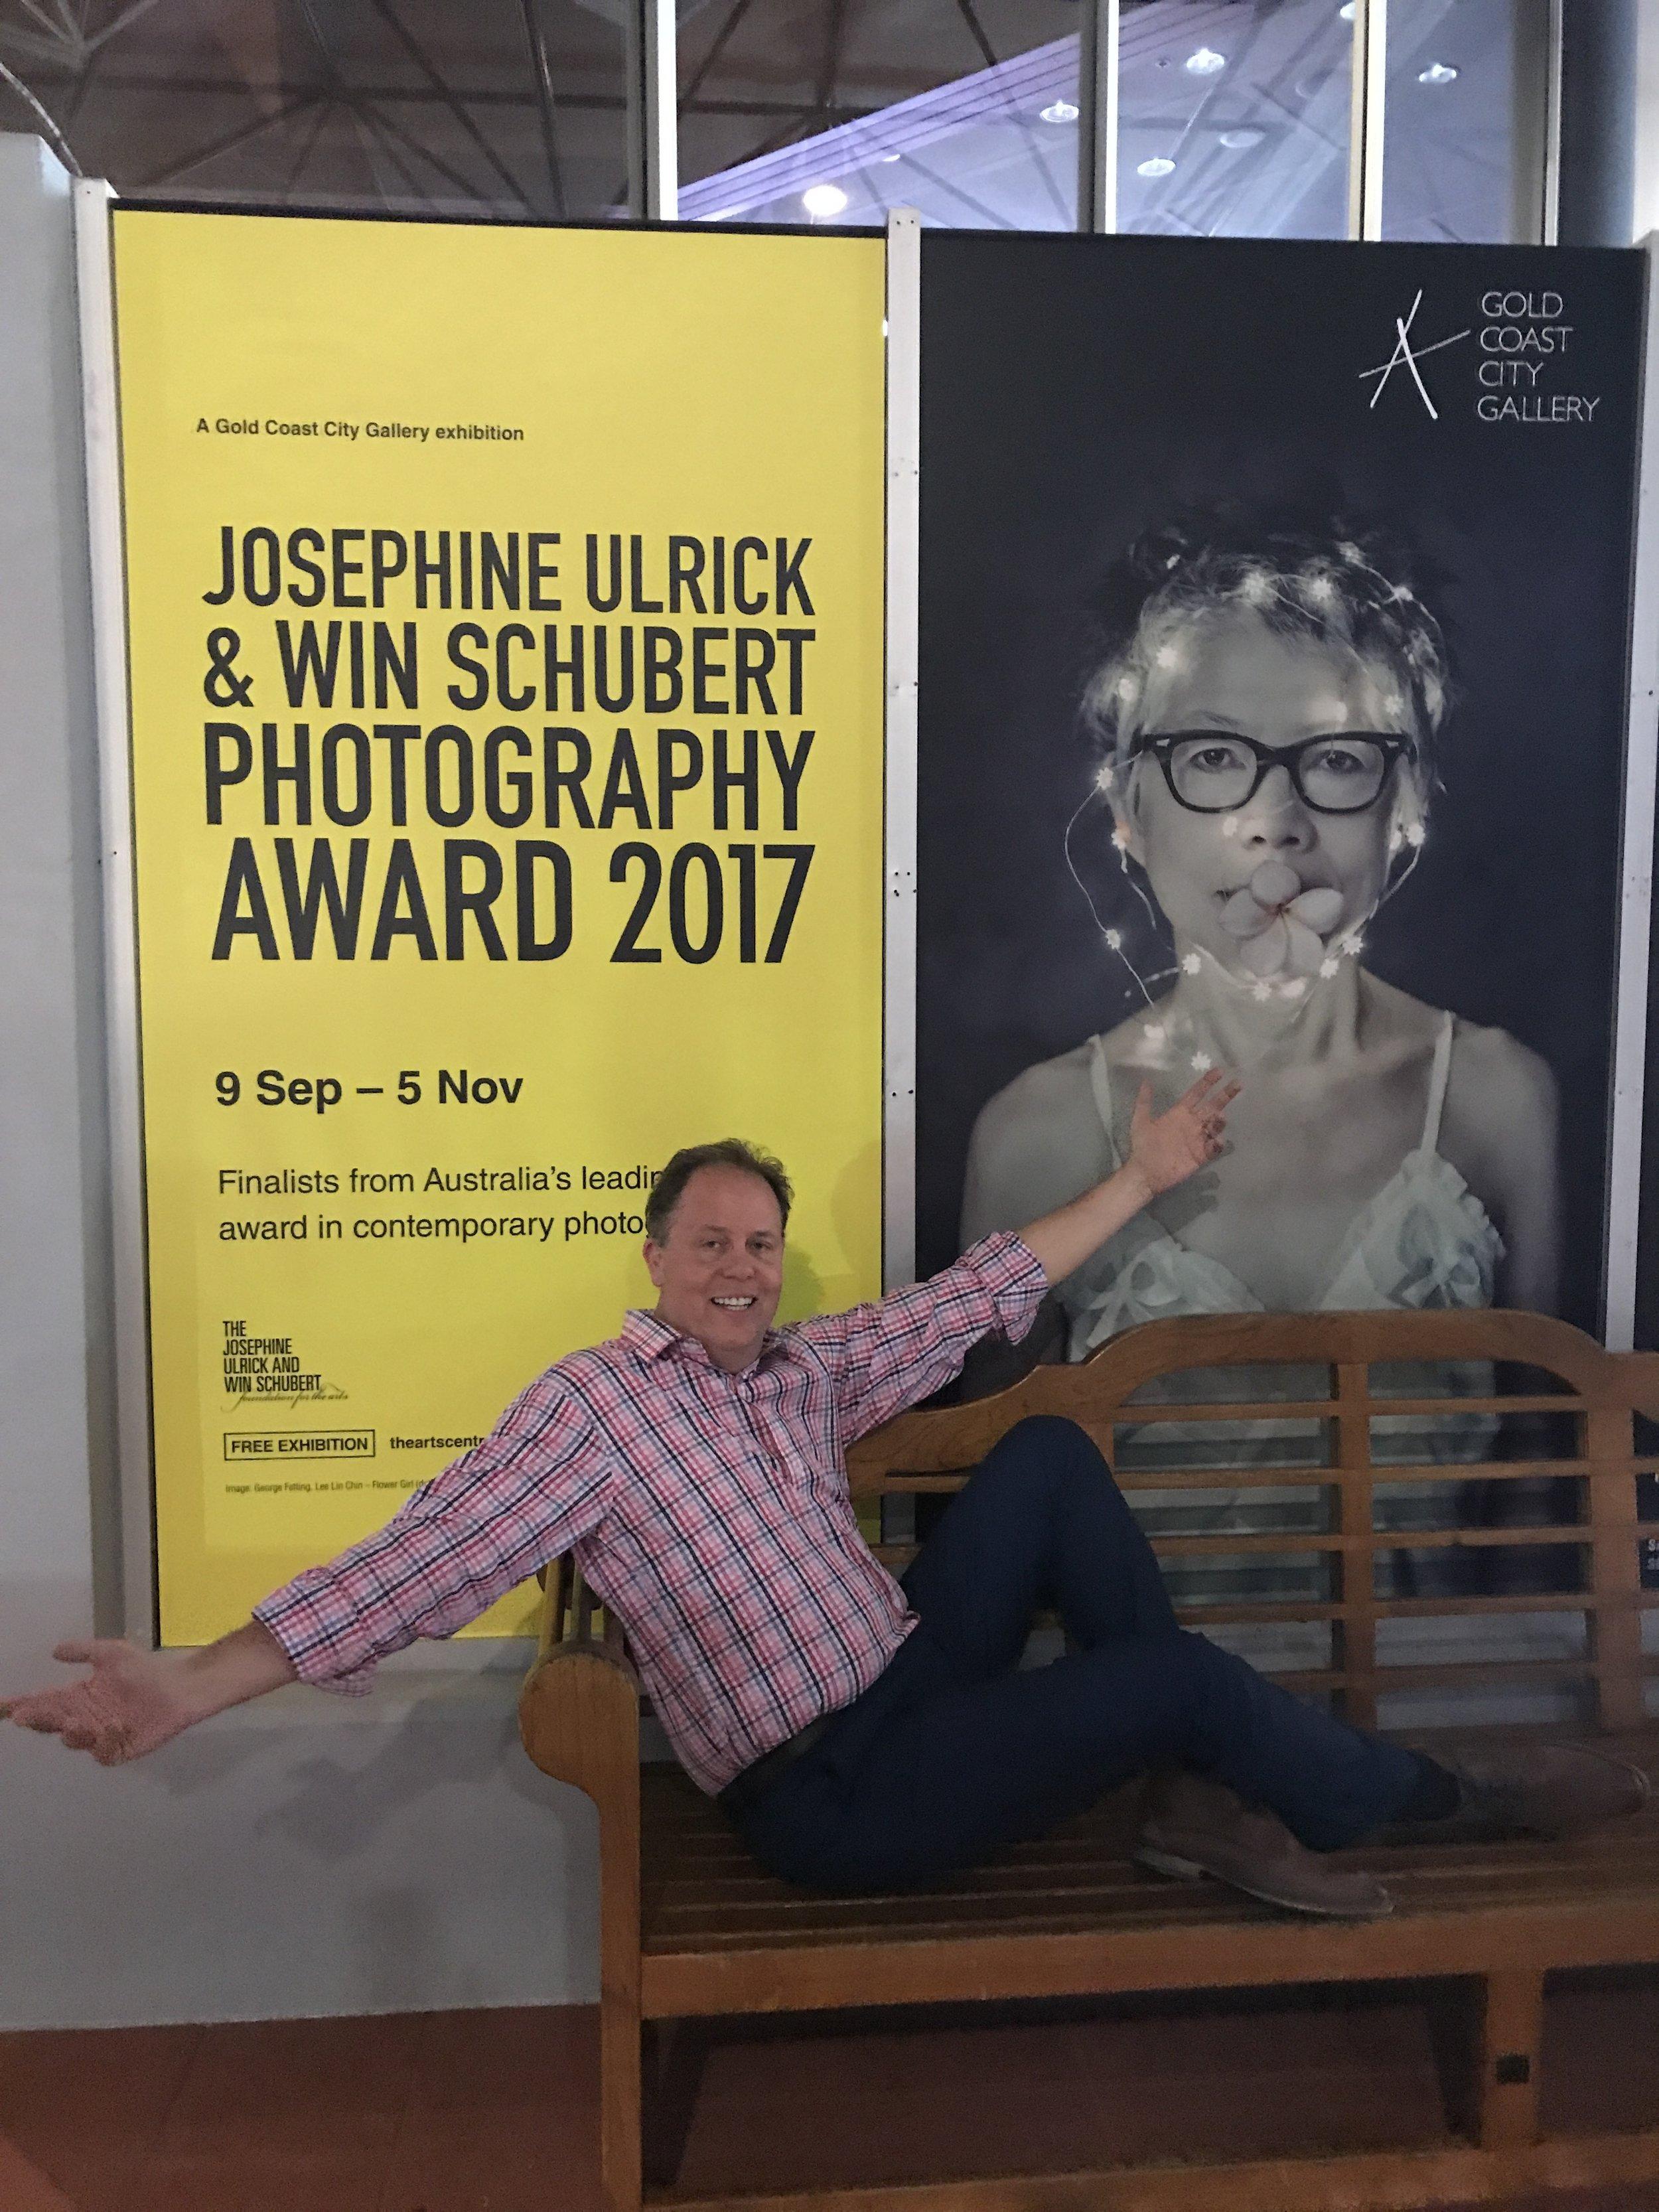 Josephine Uhlrick and Win Schubert